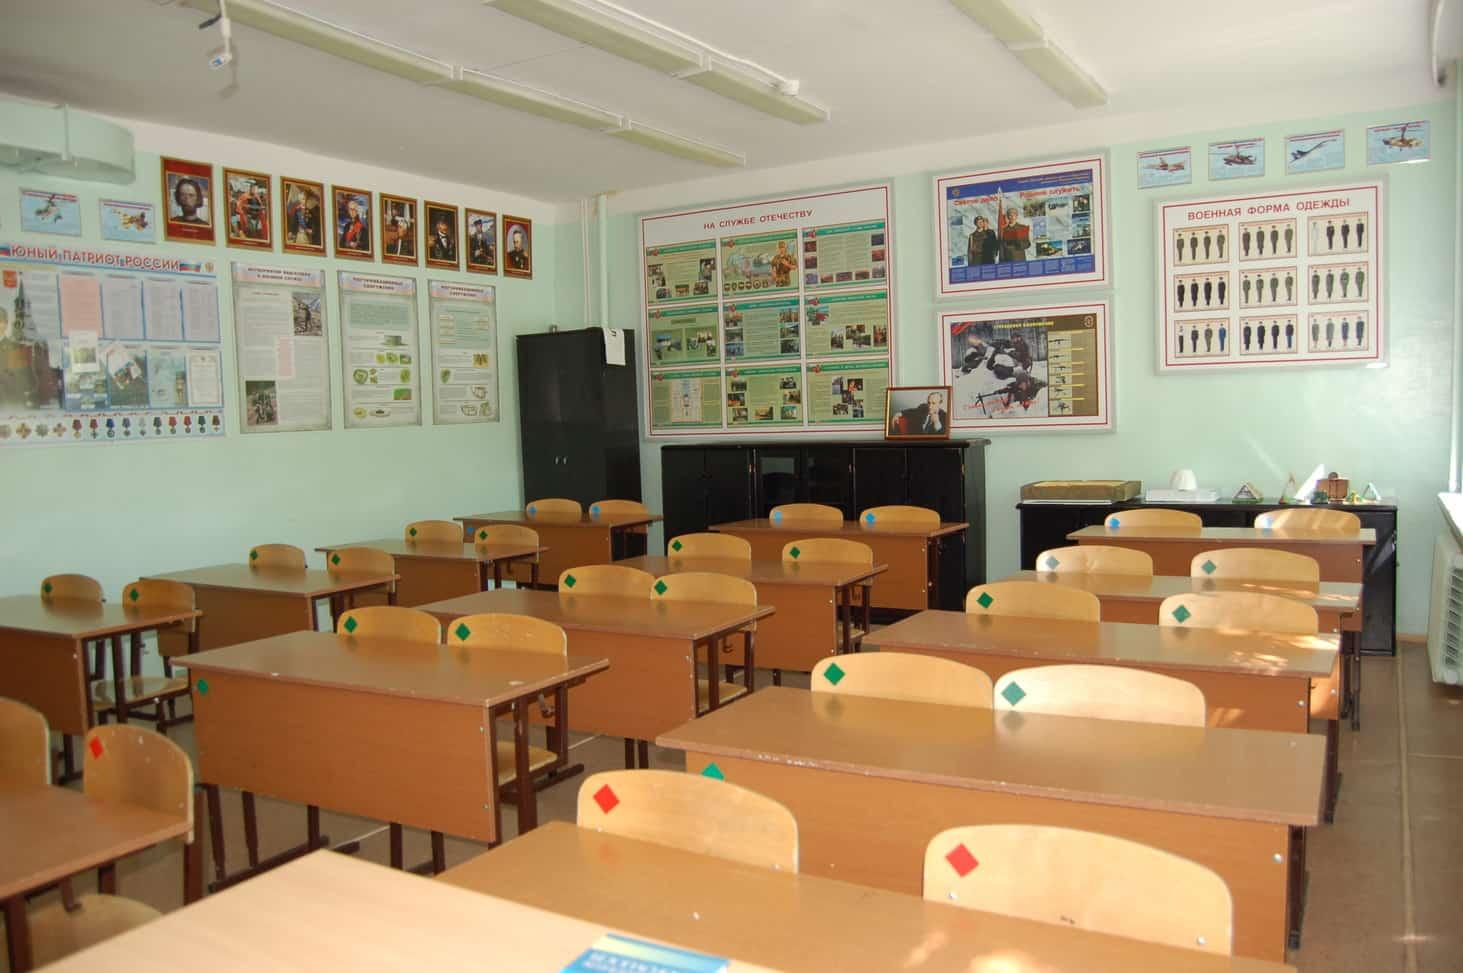 edinaya-rossiya-predlozhila-izmenit-prepodavanie-obzh-v-shkolah